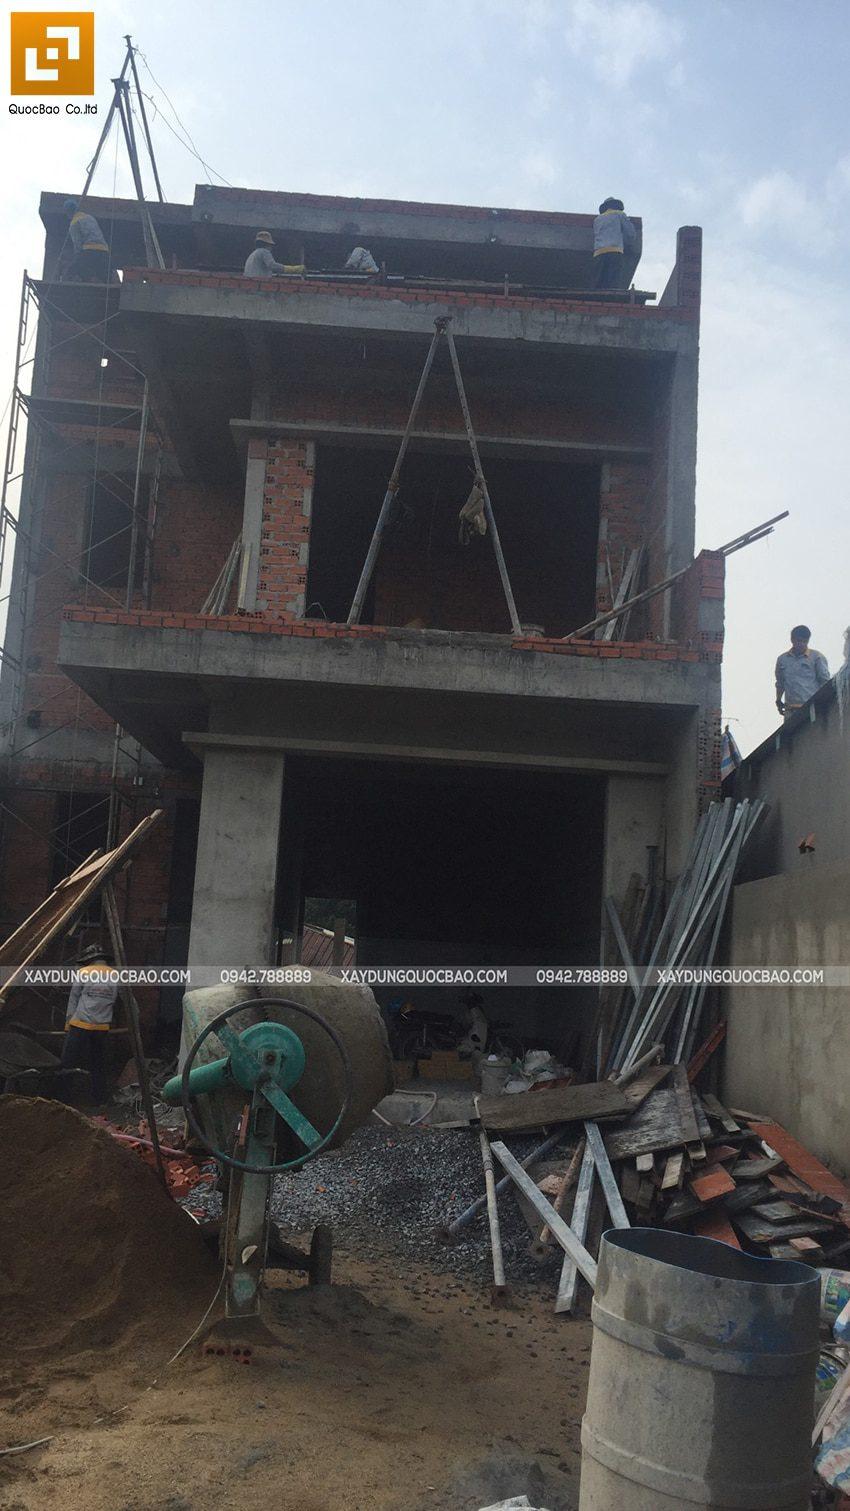 Thi công phần thô nhà 3 tầng tại Vĩnh Cửu - Ảnh 46